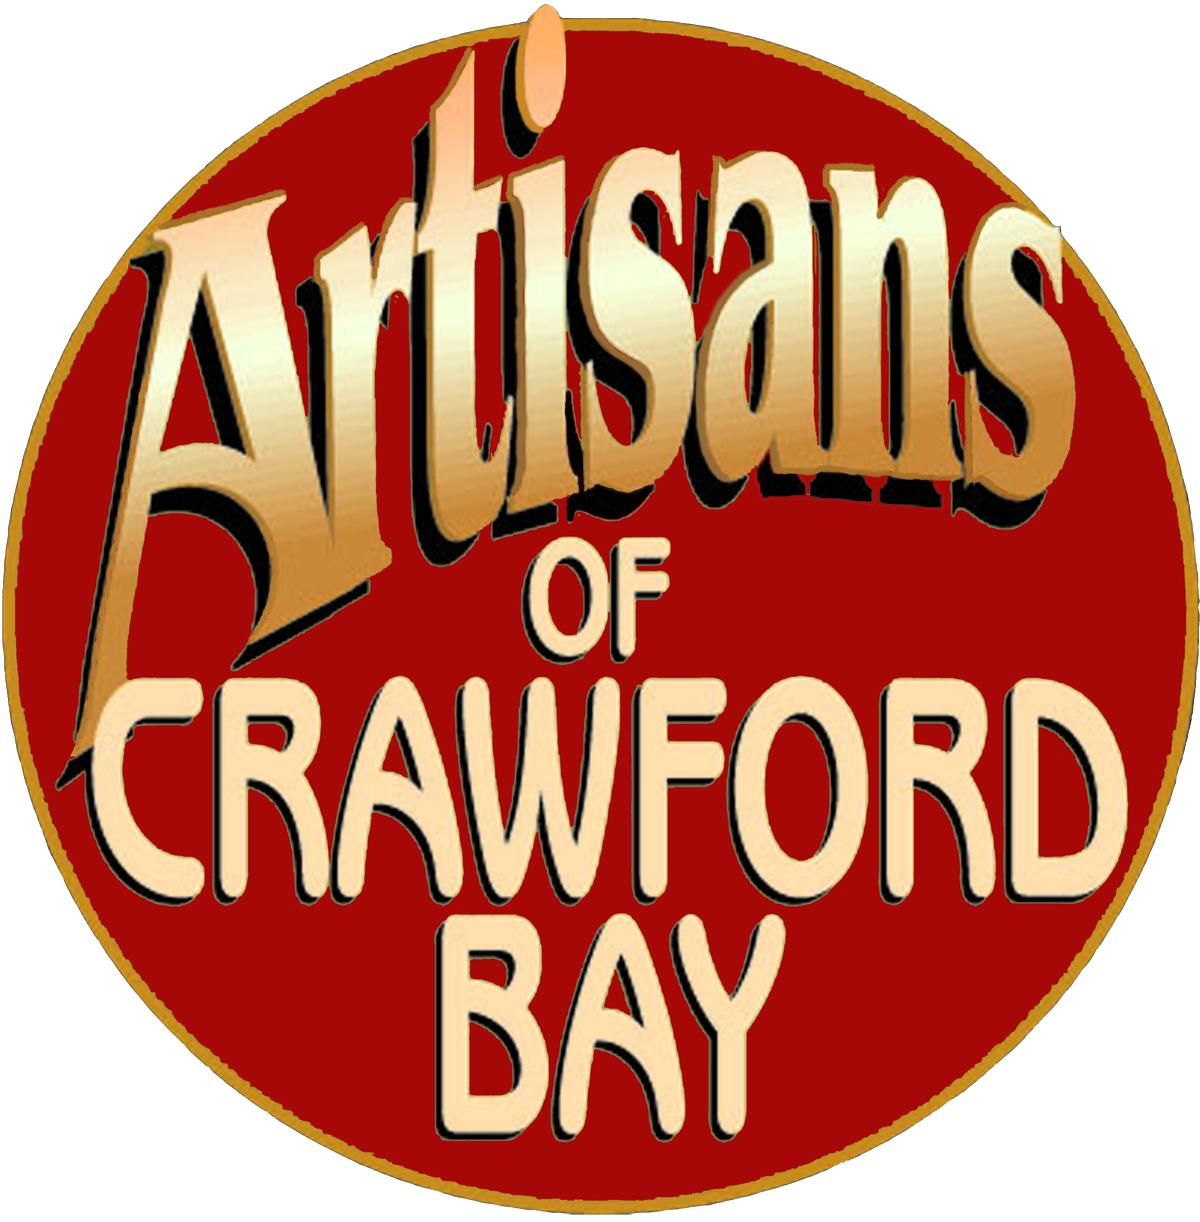 Artisans of Crawford Bay